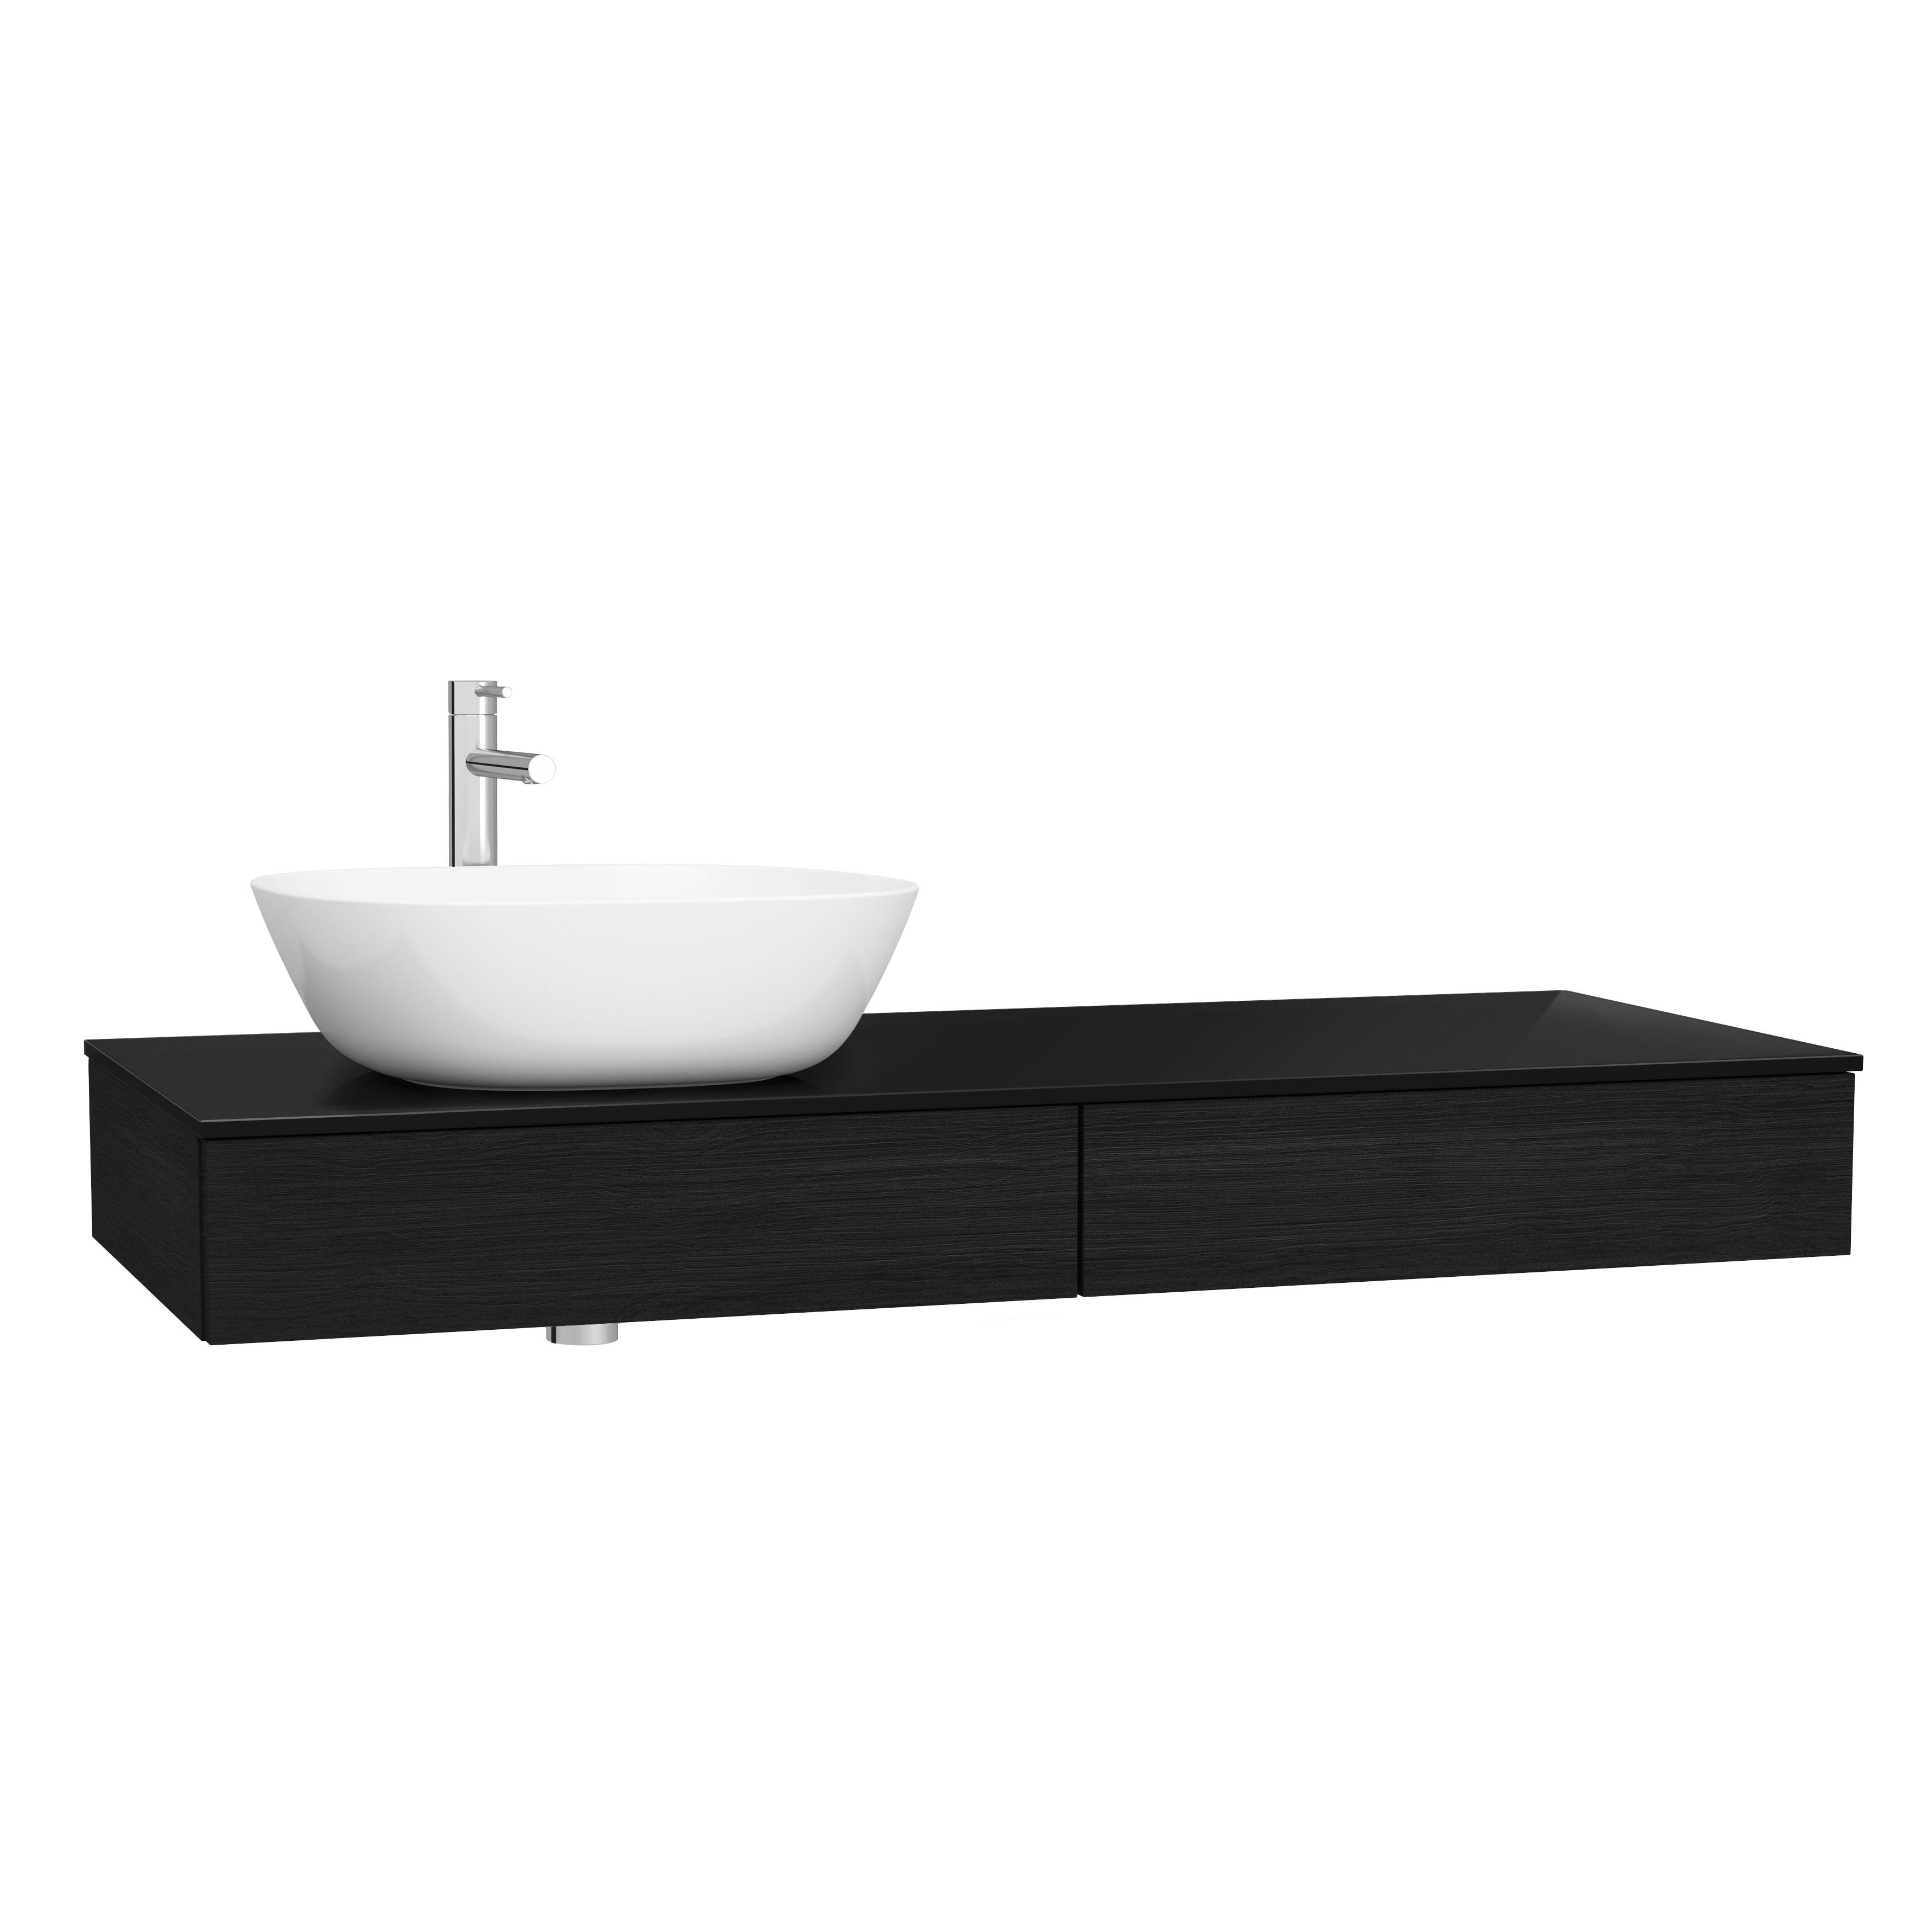 Origin plan de toilette avec tiroir, 120 cm, chêne noir structure, gauche